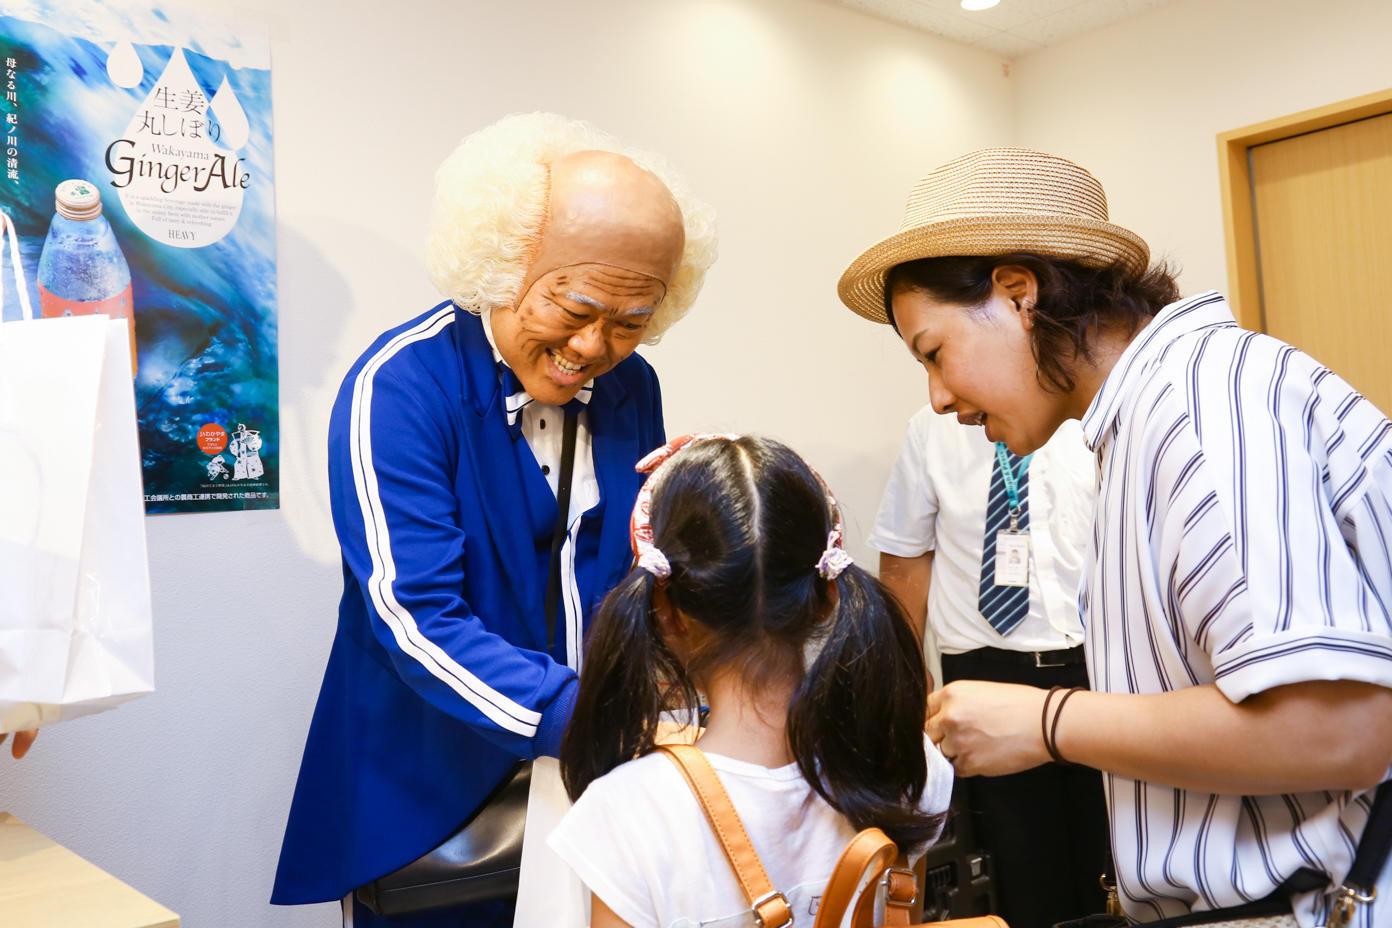 http://news.yoshimoto.co.jp/20180807212418-8f62d82fef7db5d087b55135bef3c99491352fc3.jpg